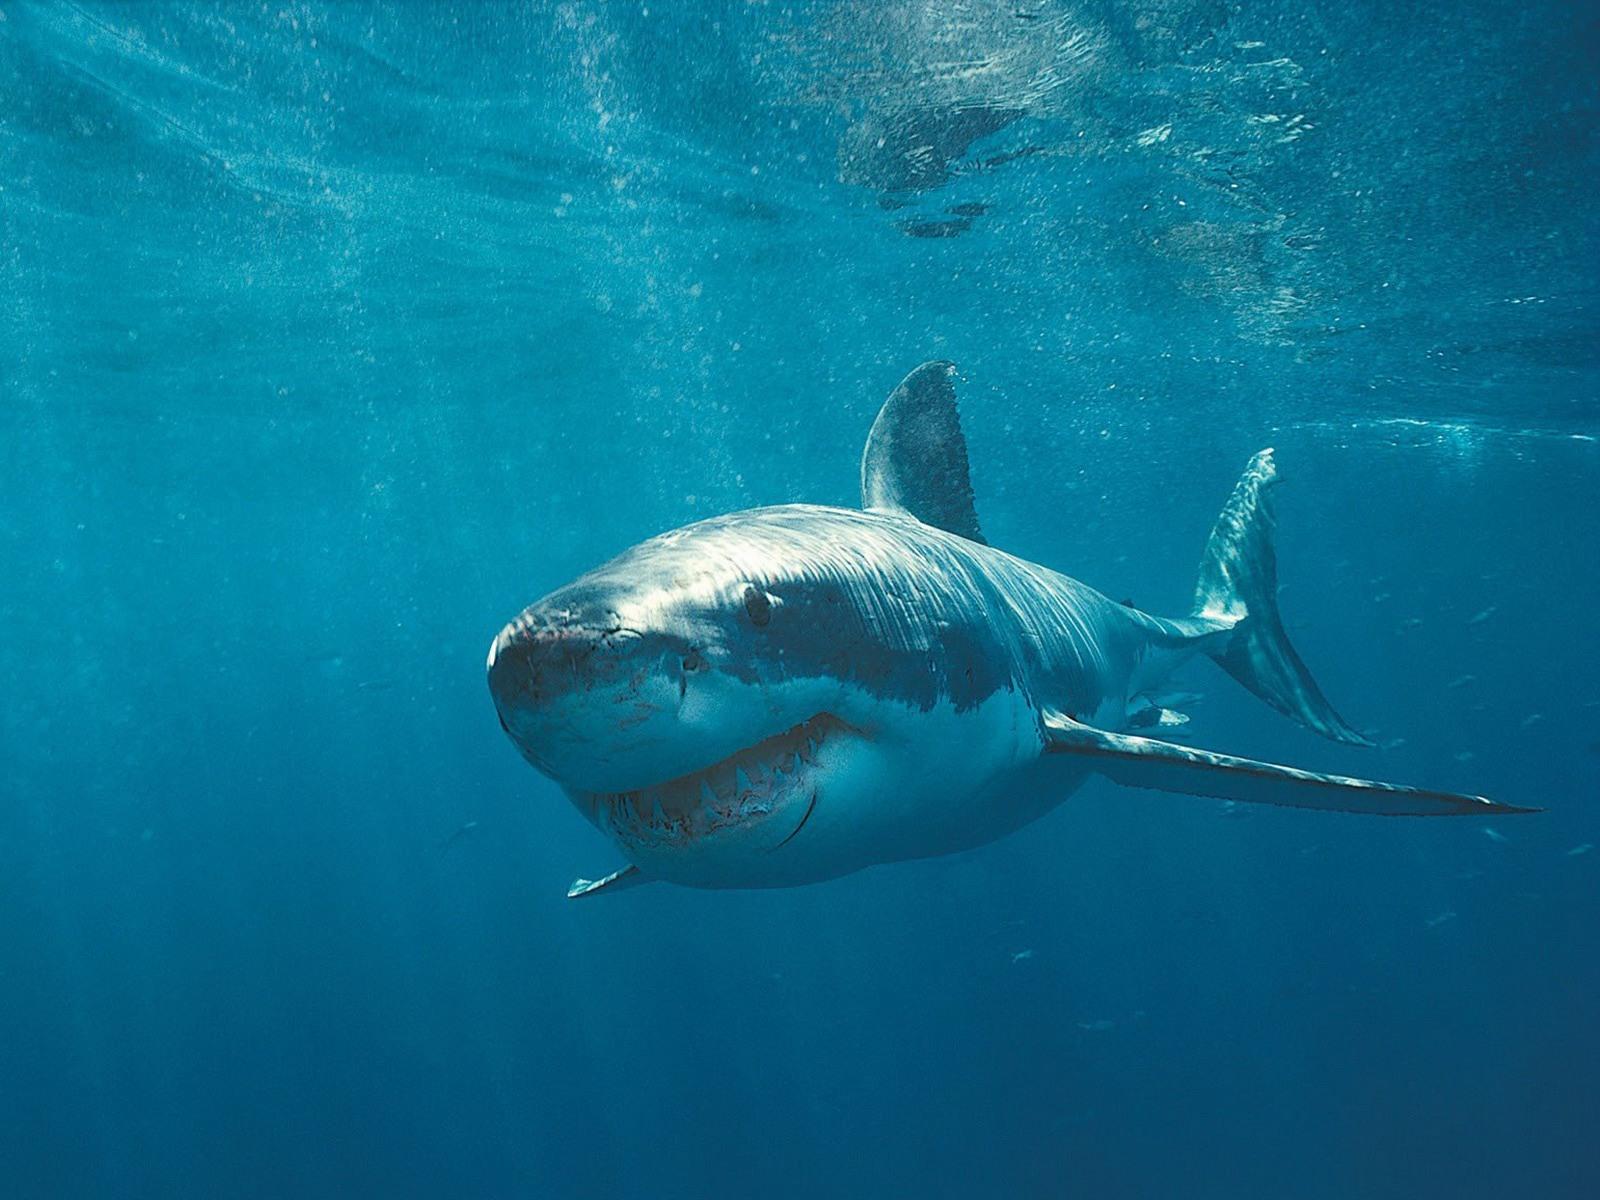 Great White Shark desktop wallpaper 1600x1200